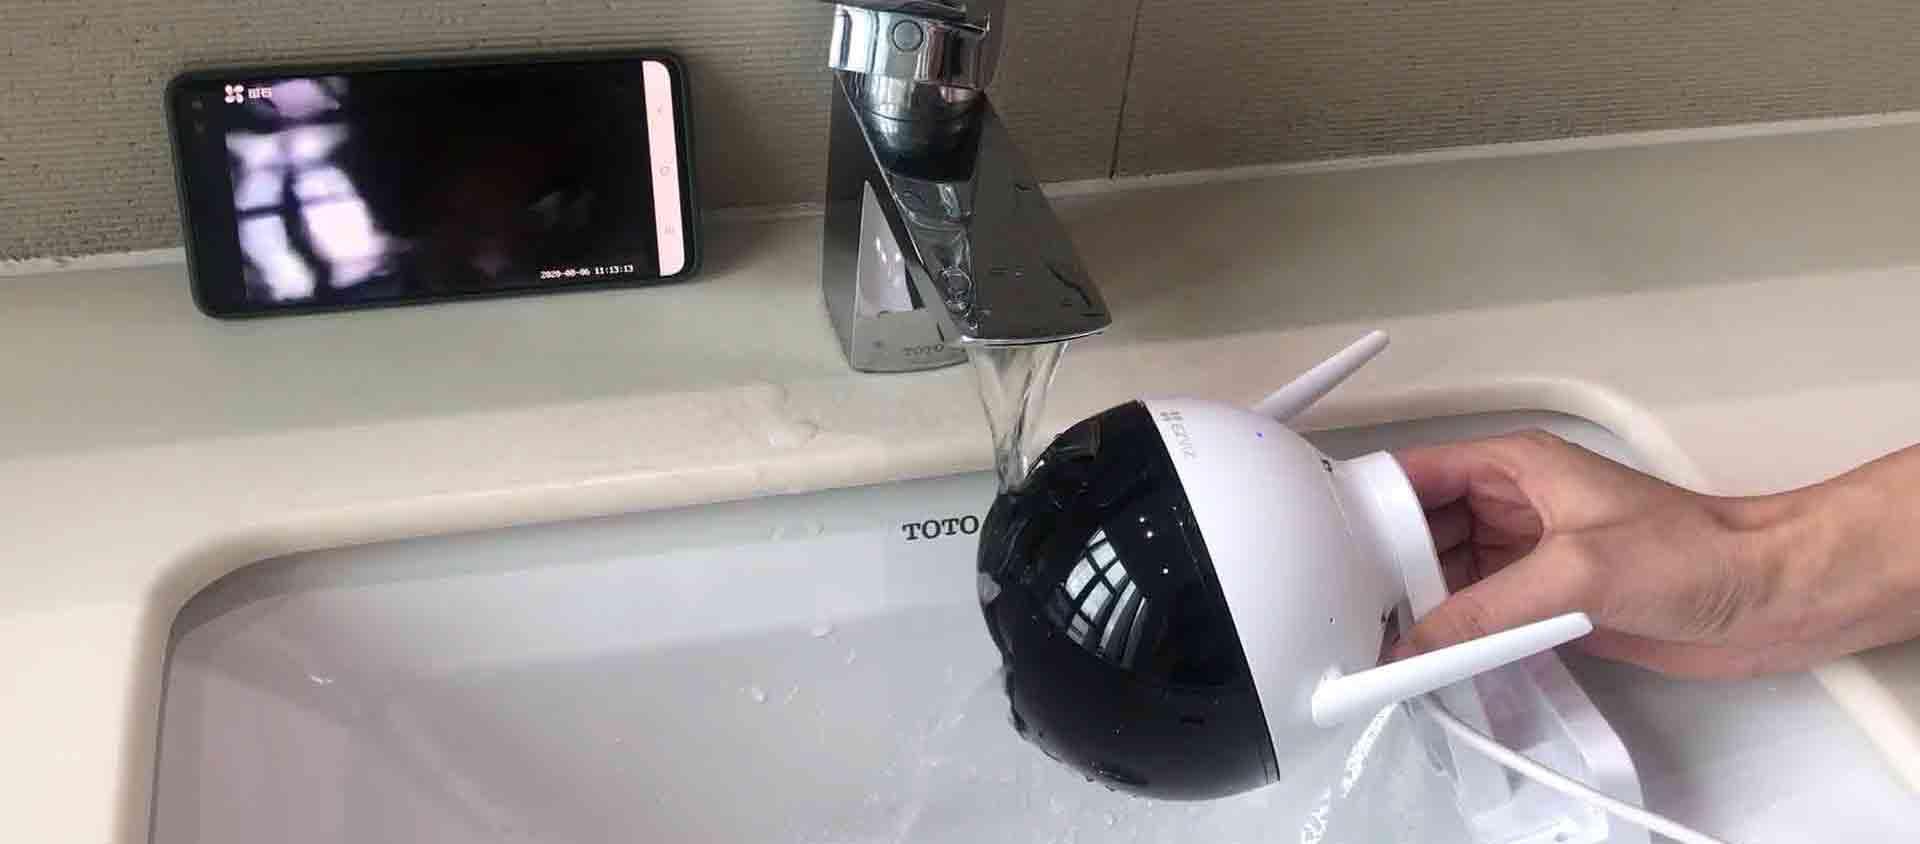 视频丨C8摄像头防水效果怎么样?看这里就知道!